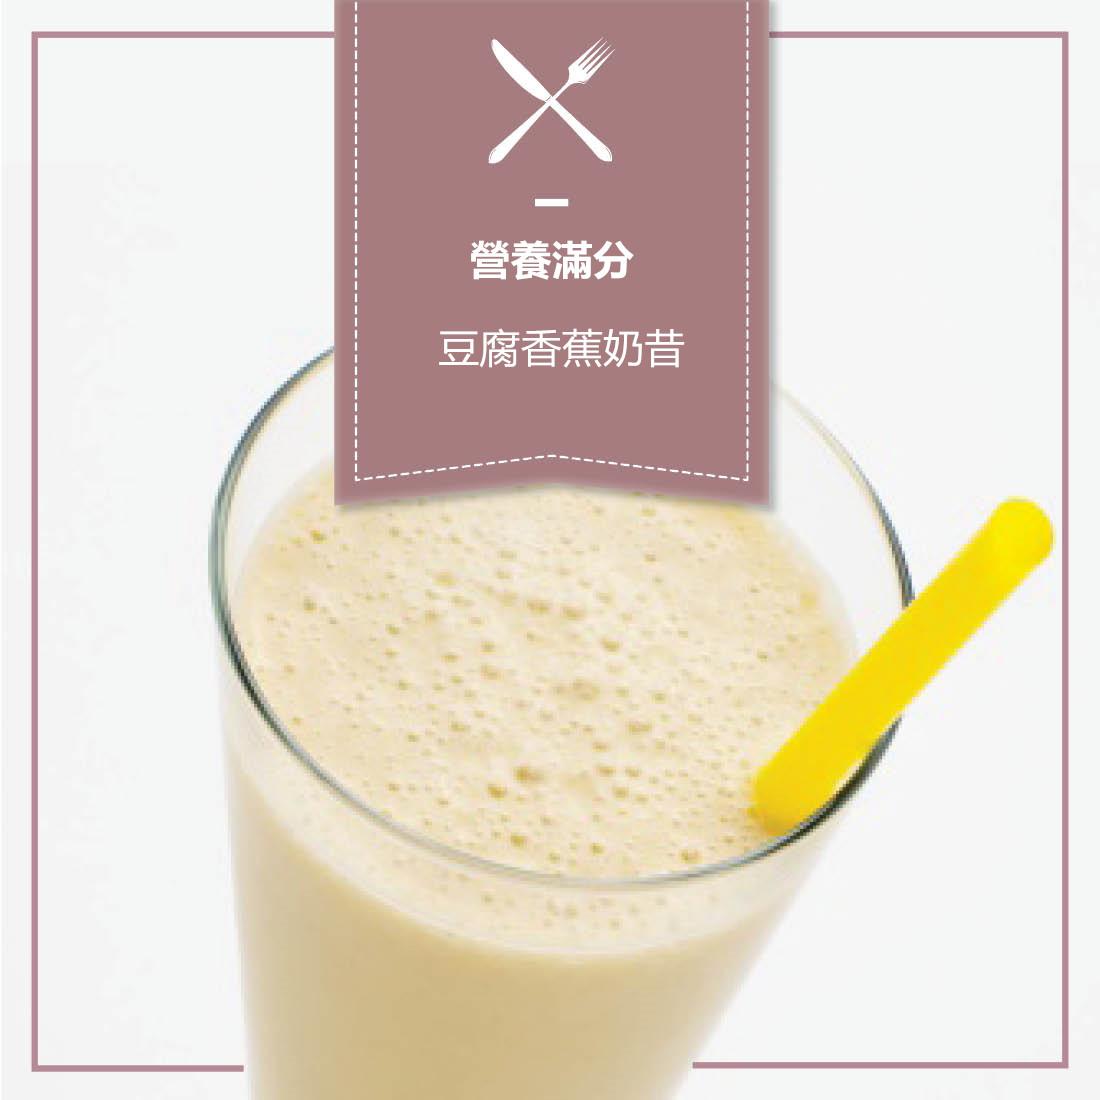 富含蛋白質的豆腐和維他命豐富的香蕉做成奶昔,代替早餐,每天早上來一杯如何啊?